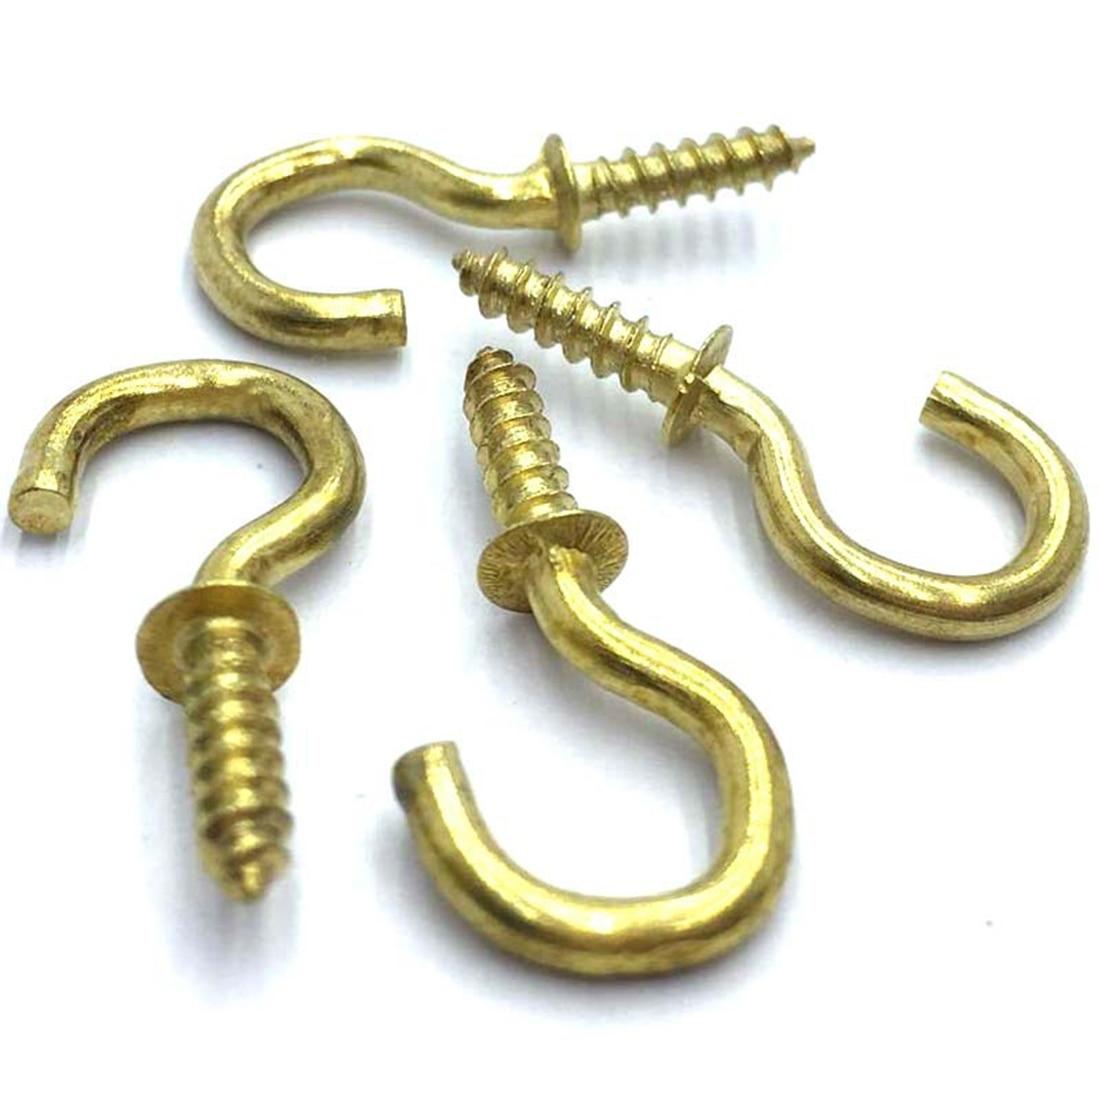 Porte-gobelet en laiton plaqué   20 pièces/ensemble de 1/2 pouces, porte-gobelet en laiton plaqué, vis à épaulettes, cintre pour manteau de haute qualité